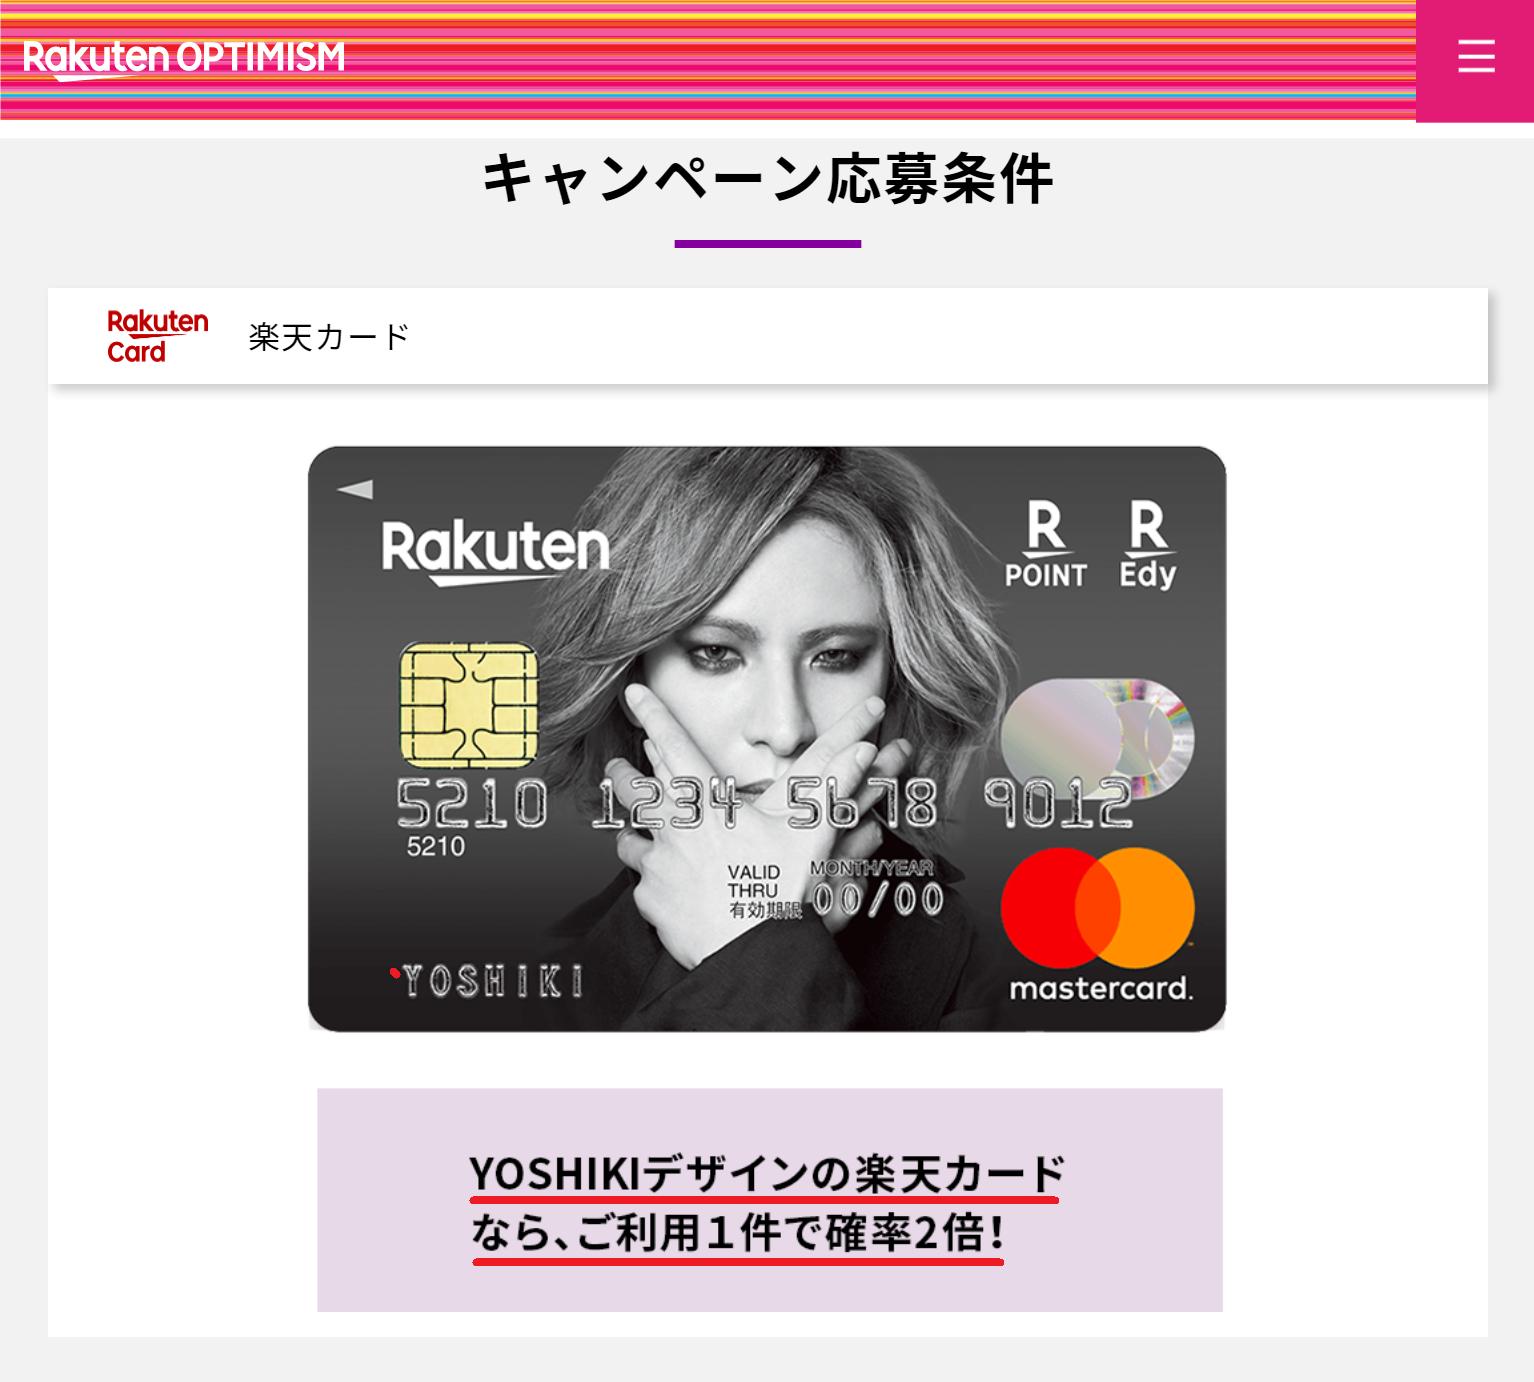 楽天カード(YOSHIKI)ならチケットプレゼントのキャンペーンの当選確率が2倍になる